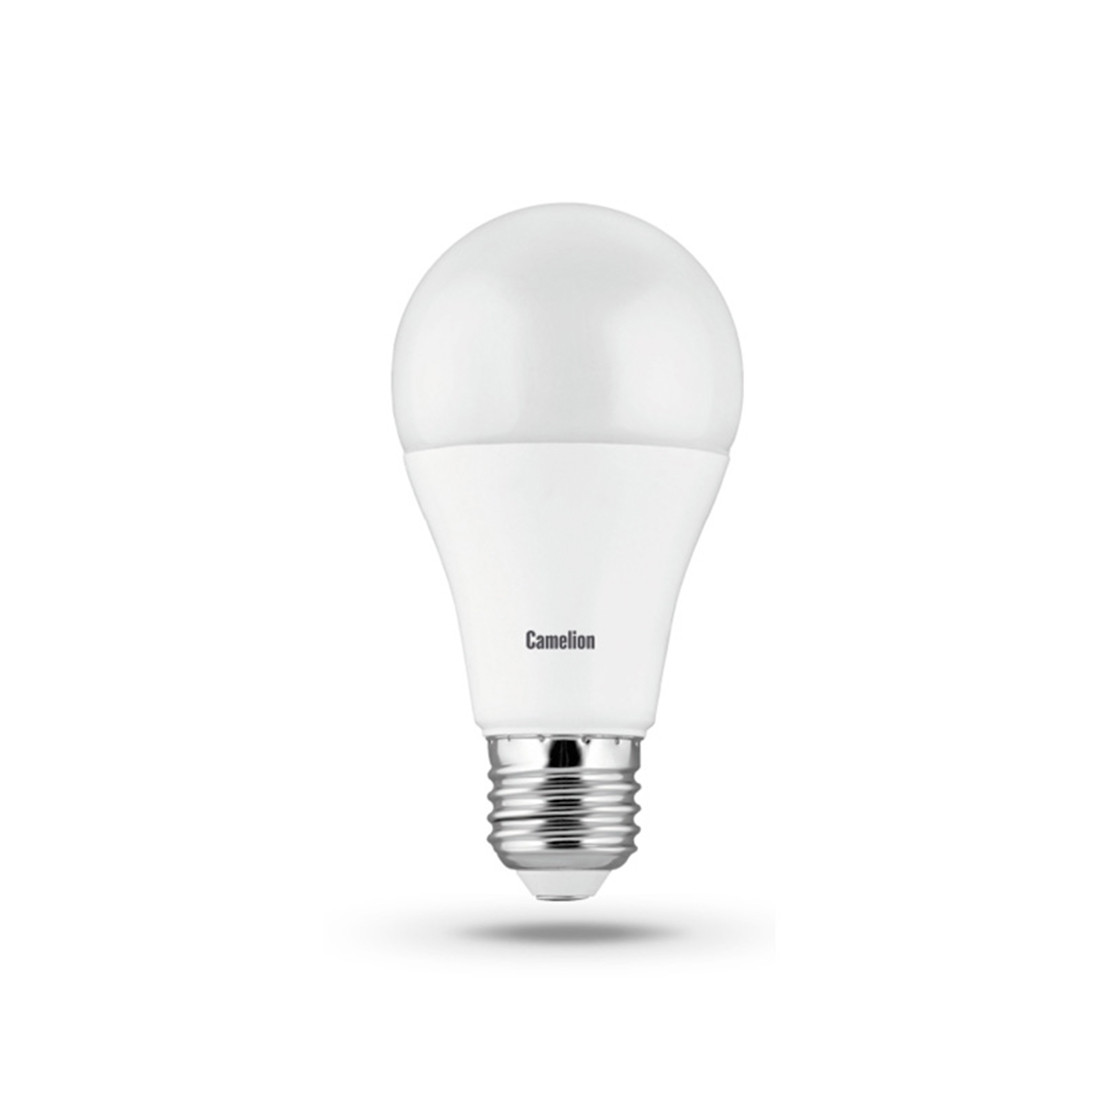 Лампа светодиодная Camelion А60/4500К/E27/13Вт, Холодный